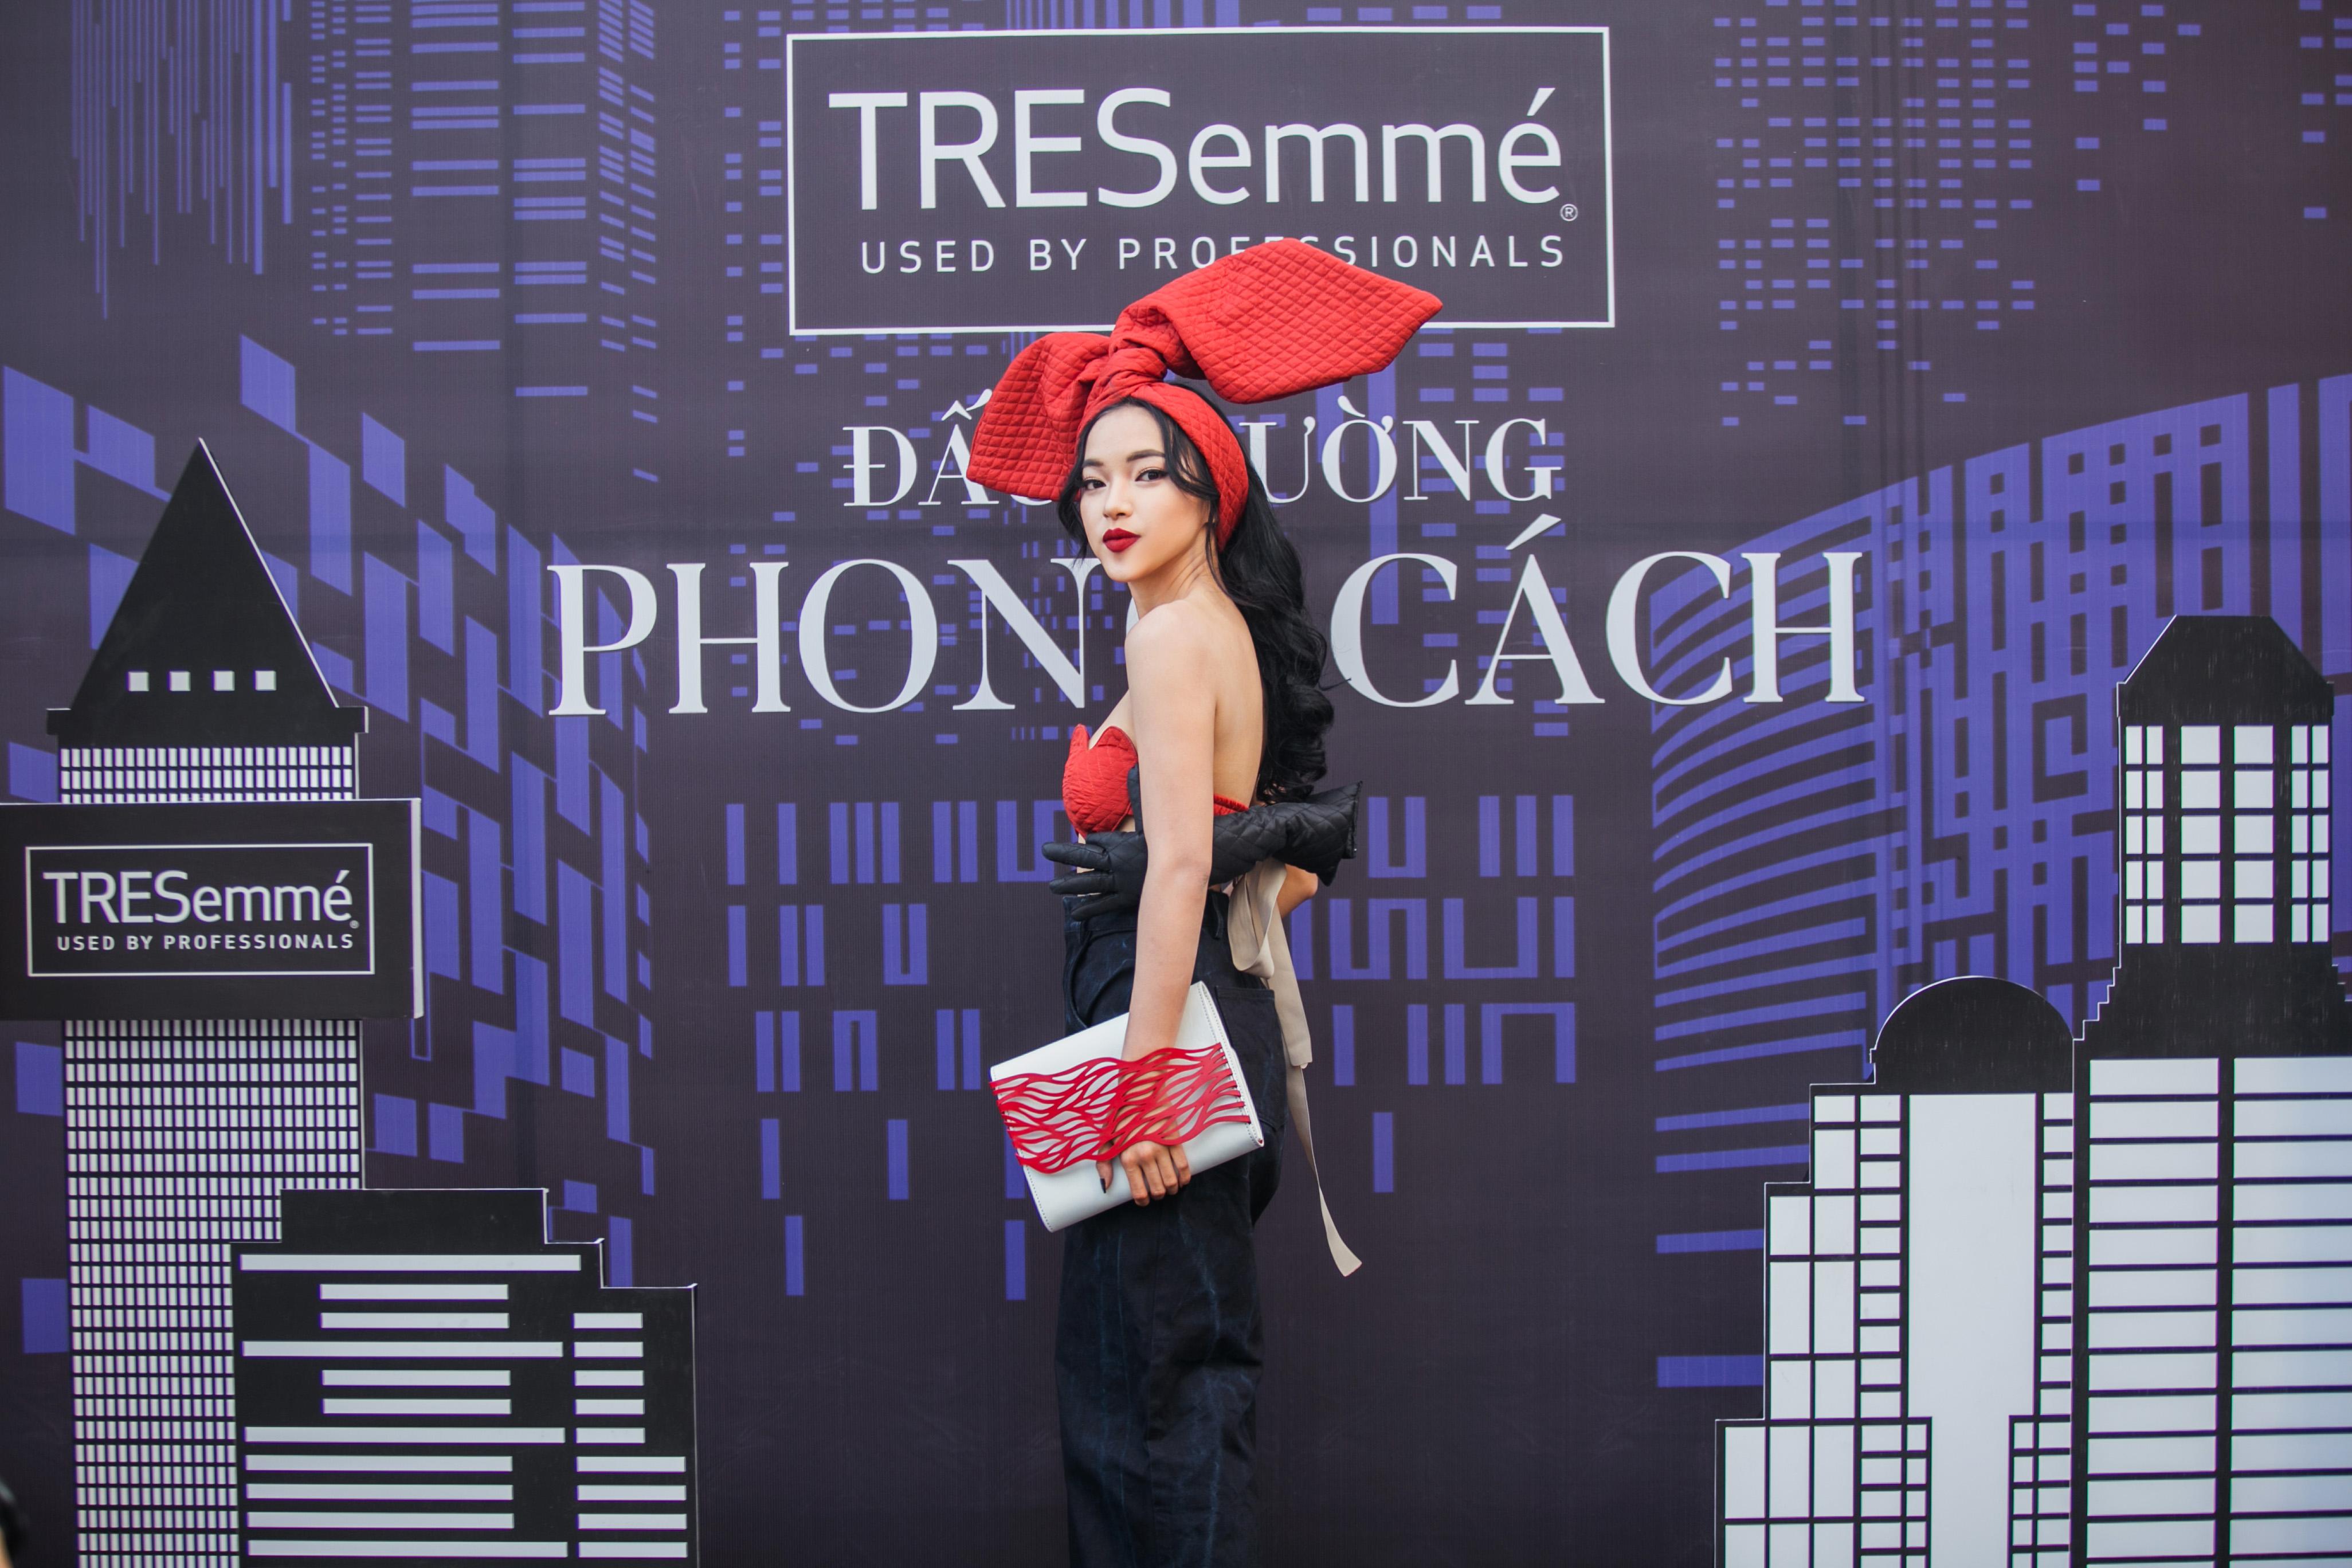 Quỳnh Anh Shyn già dặn, Châu Bùi chưa bao giờ lồng lộn đến thế trên thảm đỏ sự kiện thời trang - Ảnh 4.